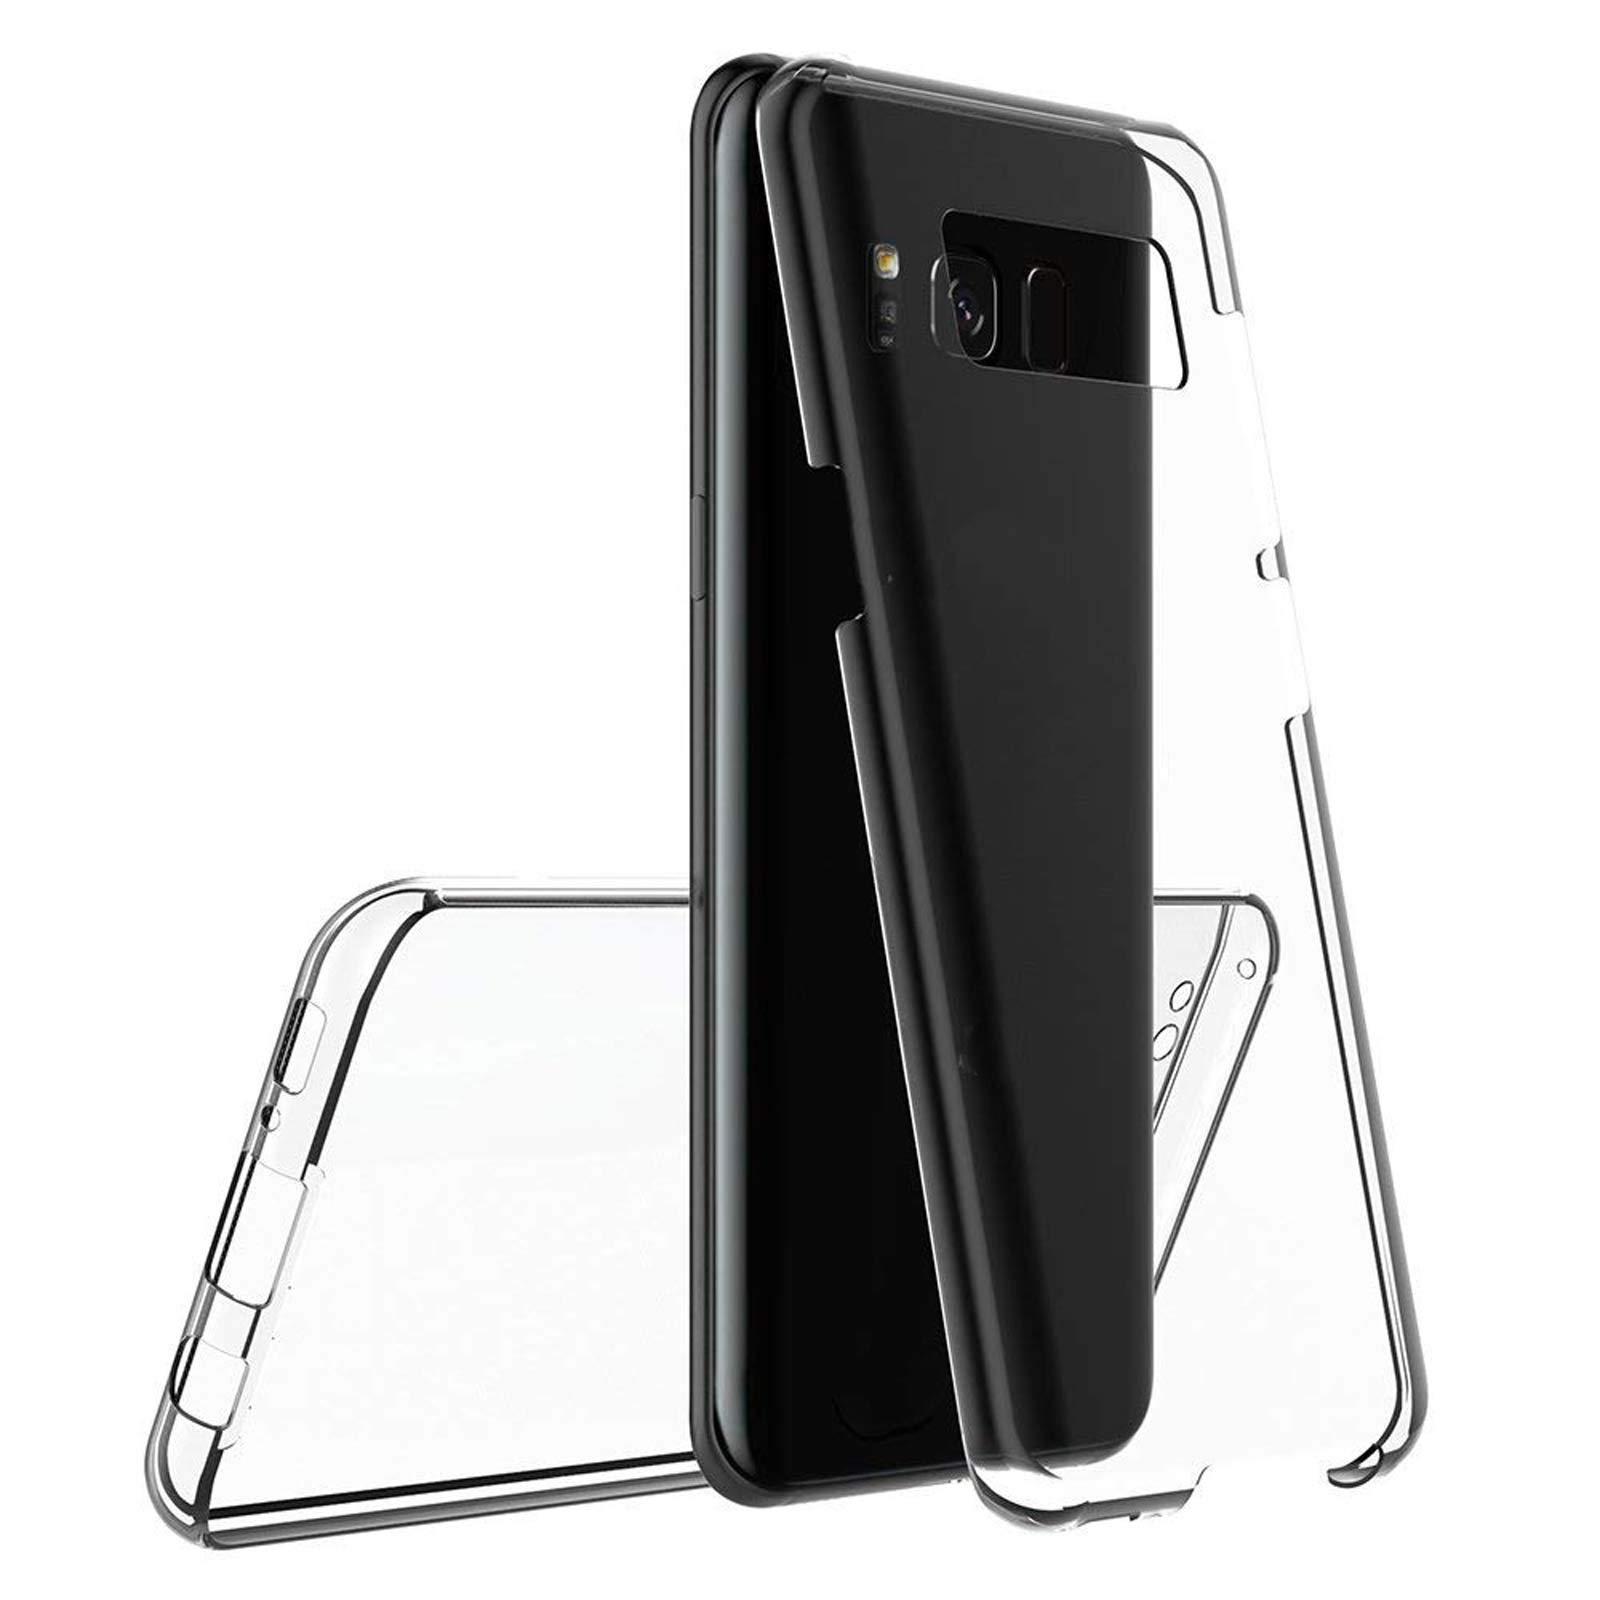 LINCIVIUS  Coque Integrale Compatible avec Samsung Galaxy S8, Coque de Protection 2 en 1 Bumper Transparent Silicone Avant Et Arrière Contour Bumper pour Samsung Galaxy S8, Transparent